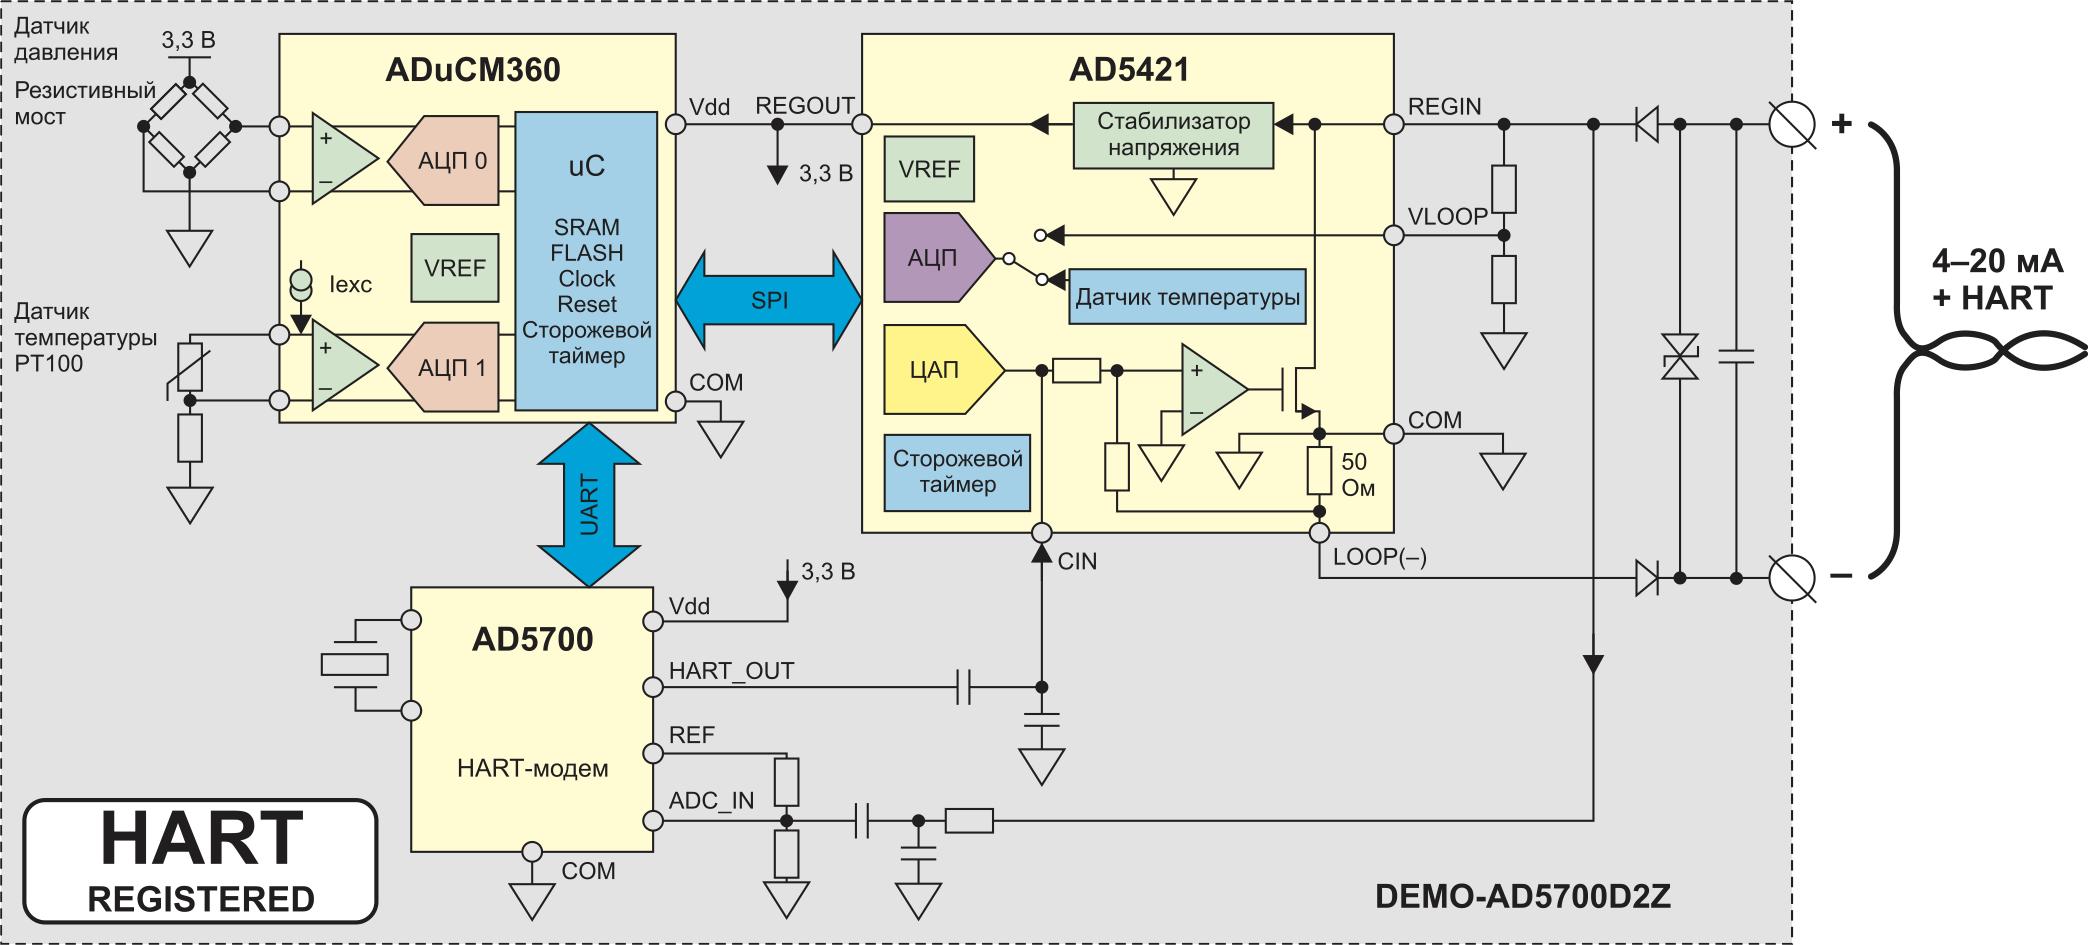 Структурная схема прибора промышленной автоматики с интерфейсом HART